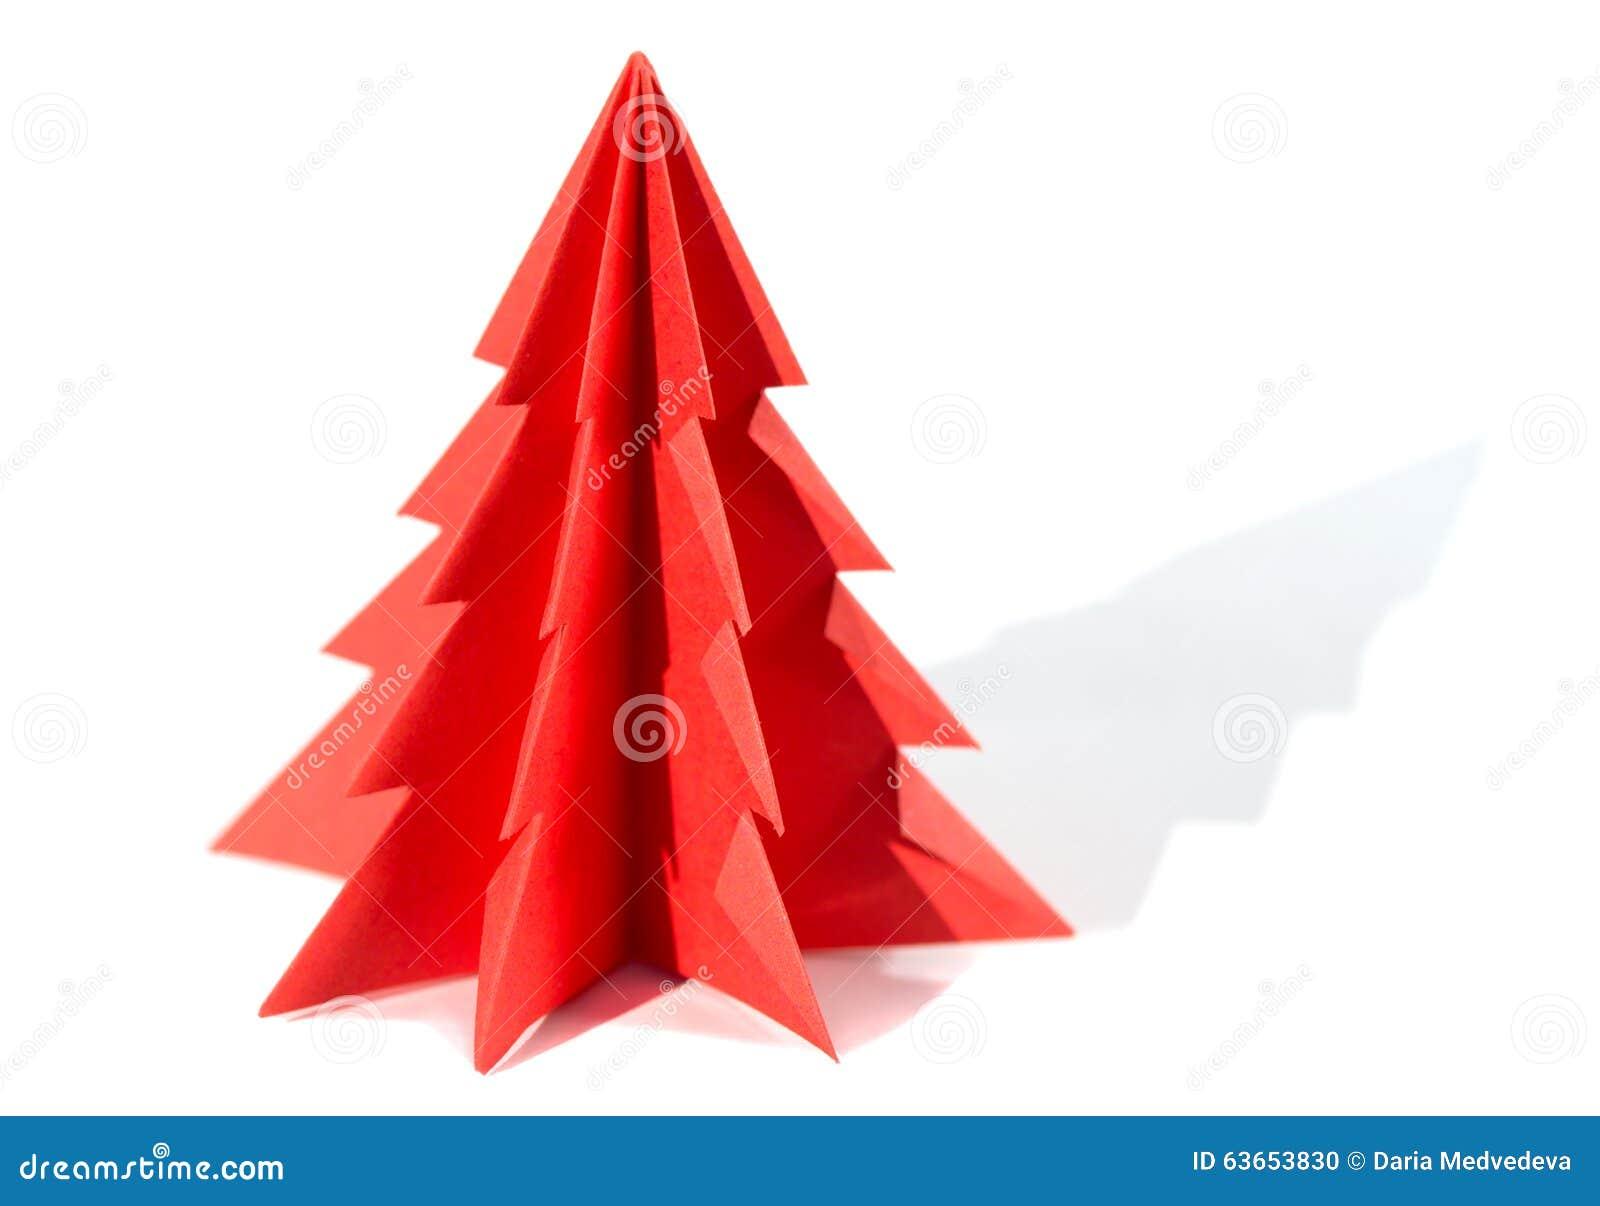 Rbol de navidad de papel papiroflexia aislado en el - Arbol de navidad de origami ...